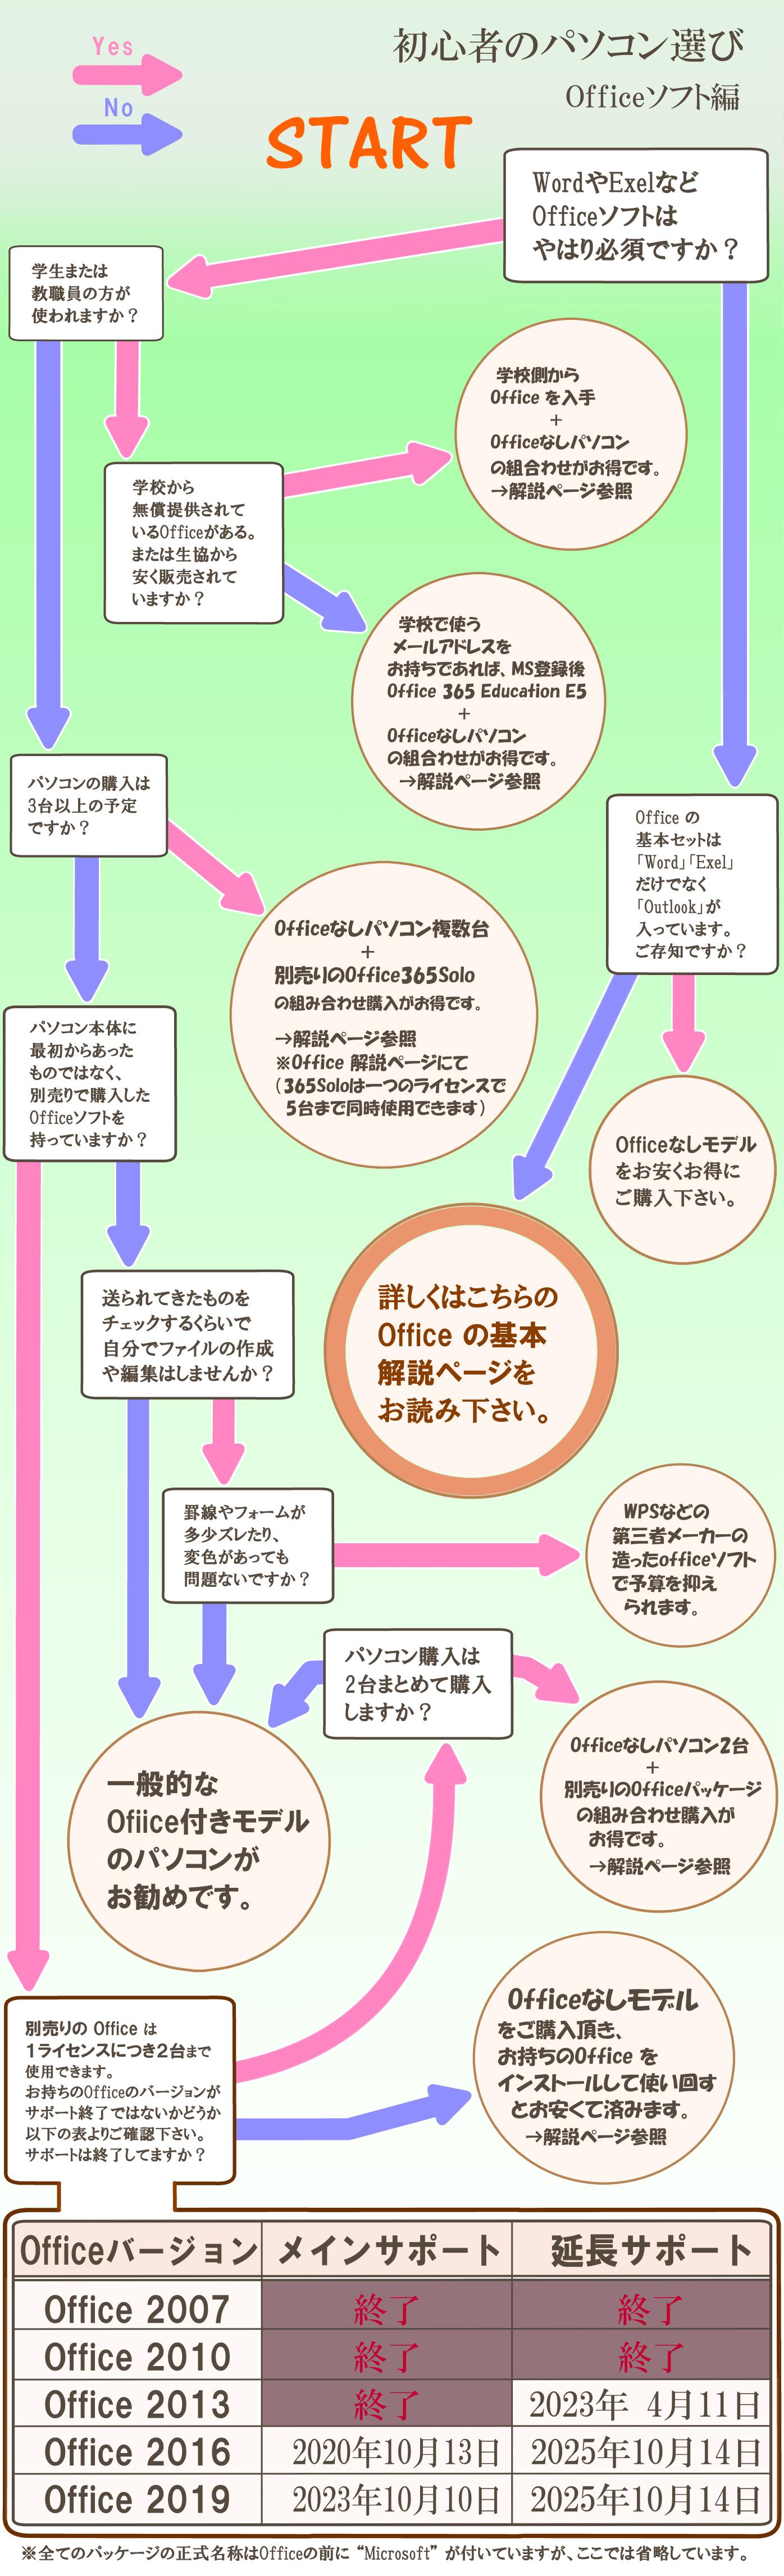 『初心者のパソコン選び・Officeソフト編』イエス or ノー選択表